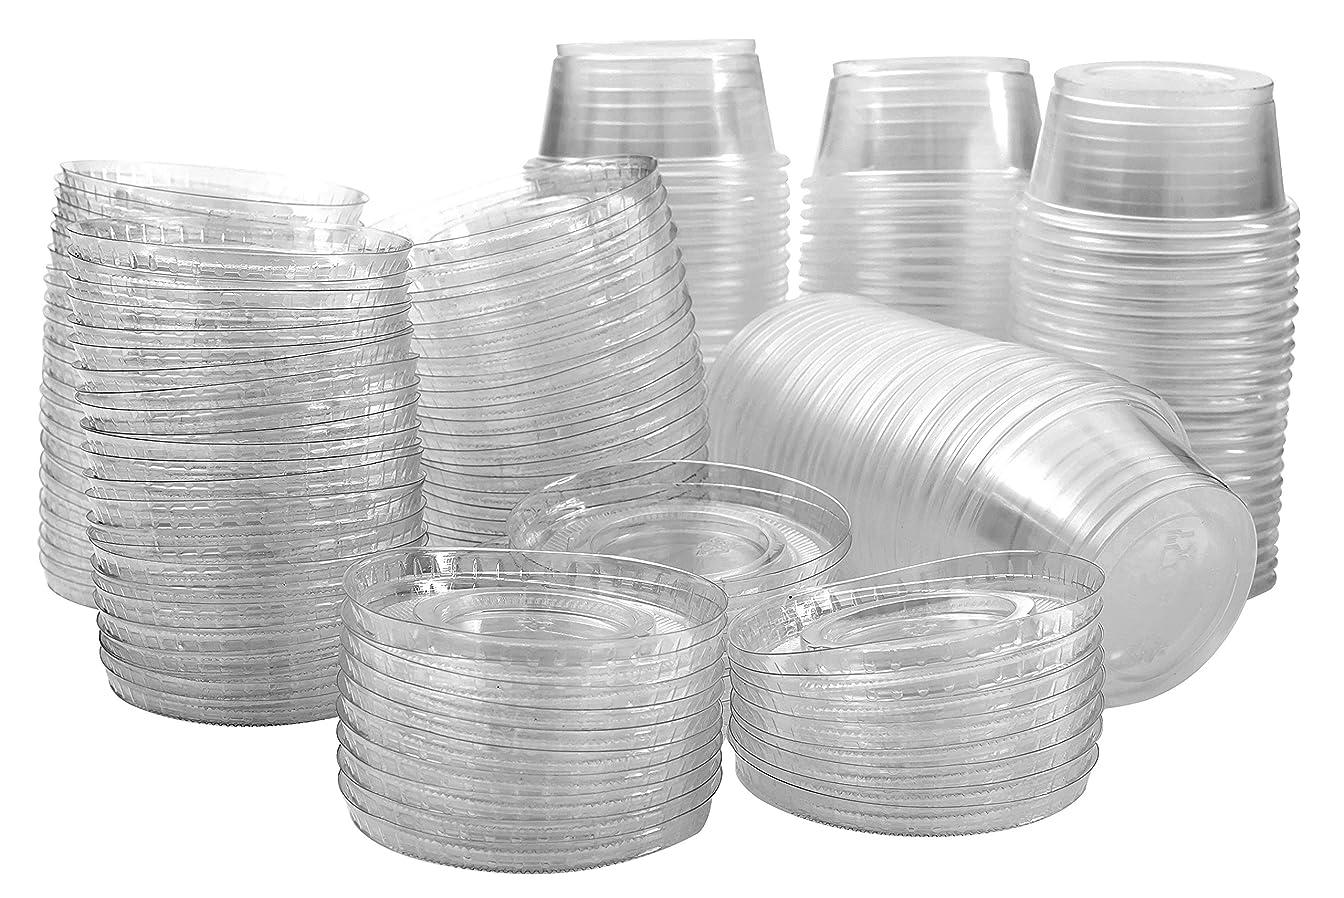 上げる意見おとなしいプラスチック製タンブラーカップ 蓋つき 半透明/透明 ジェロ?ショット 4 oz クリア